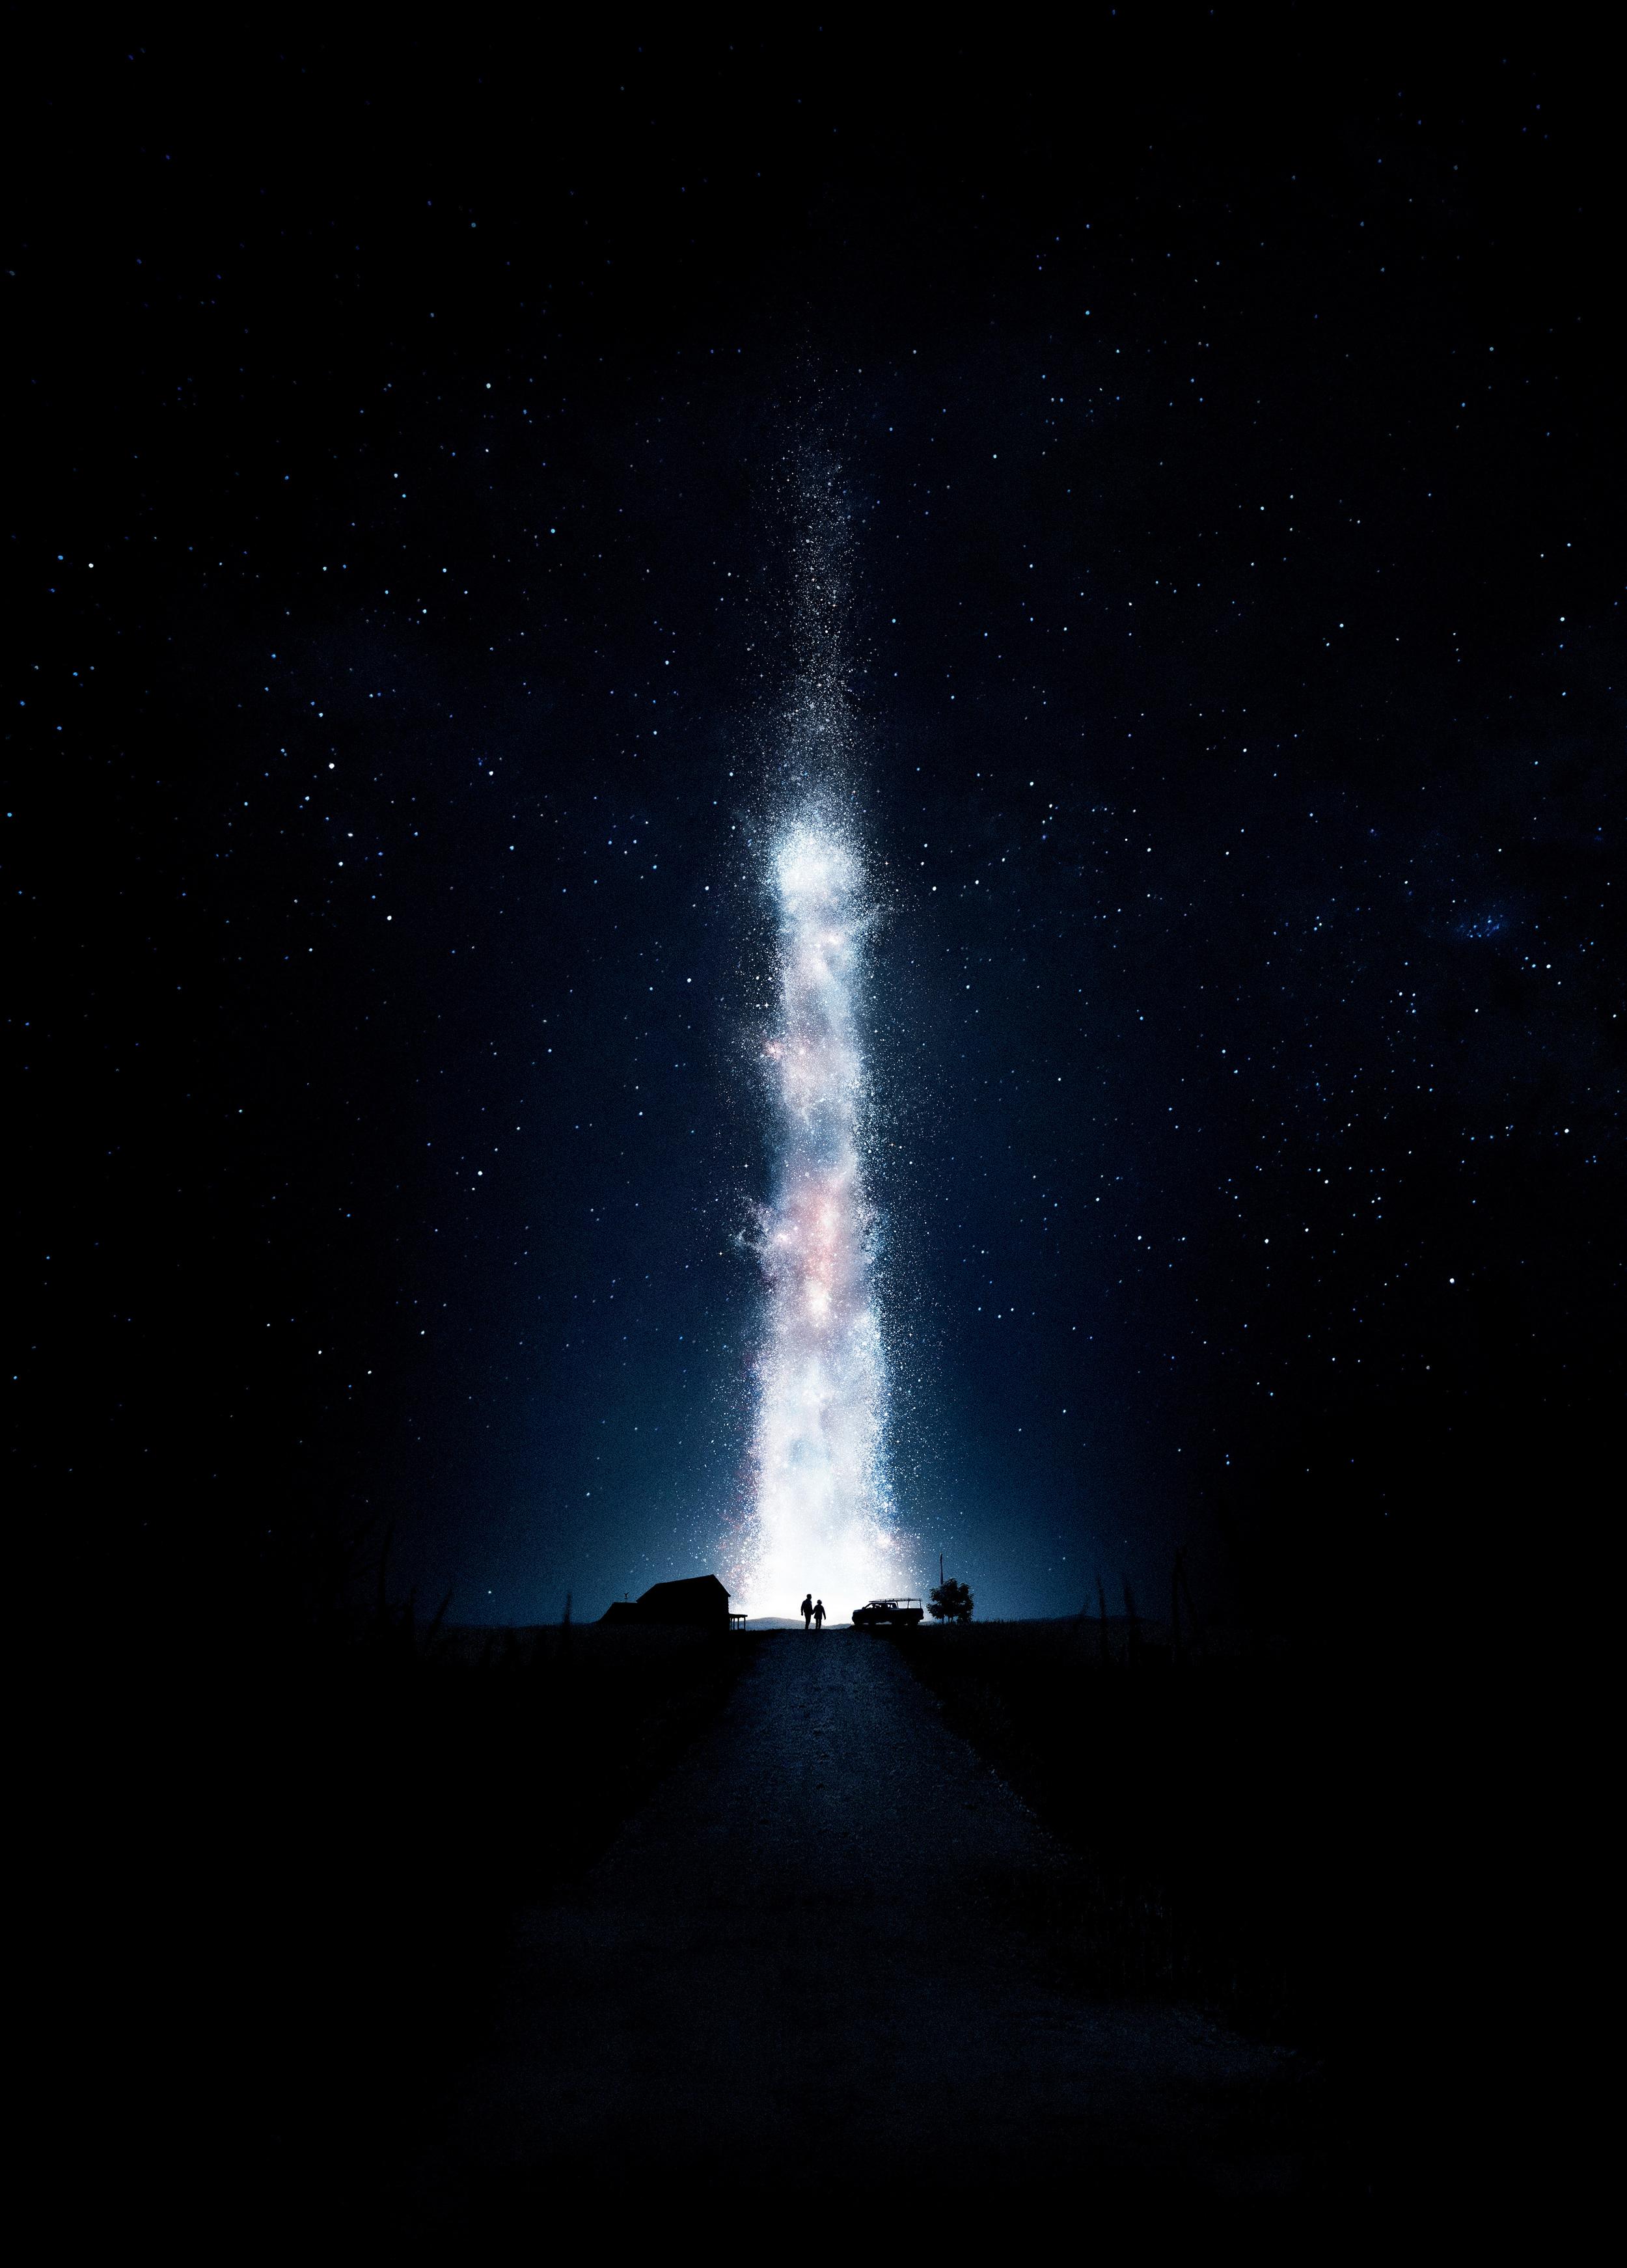 Interstellar (2014) Christopher Nolan